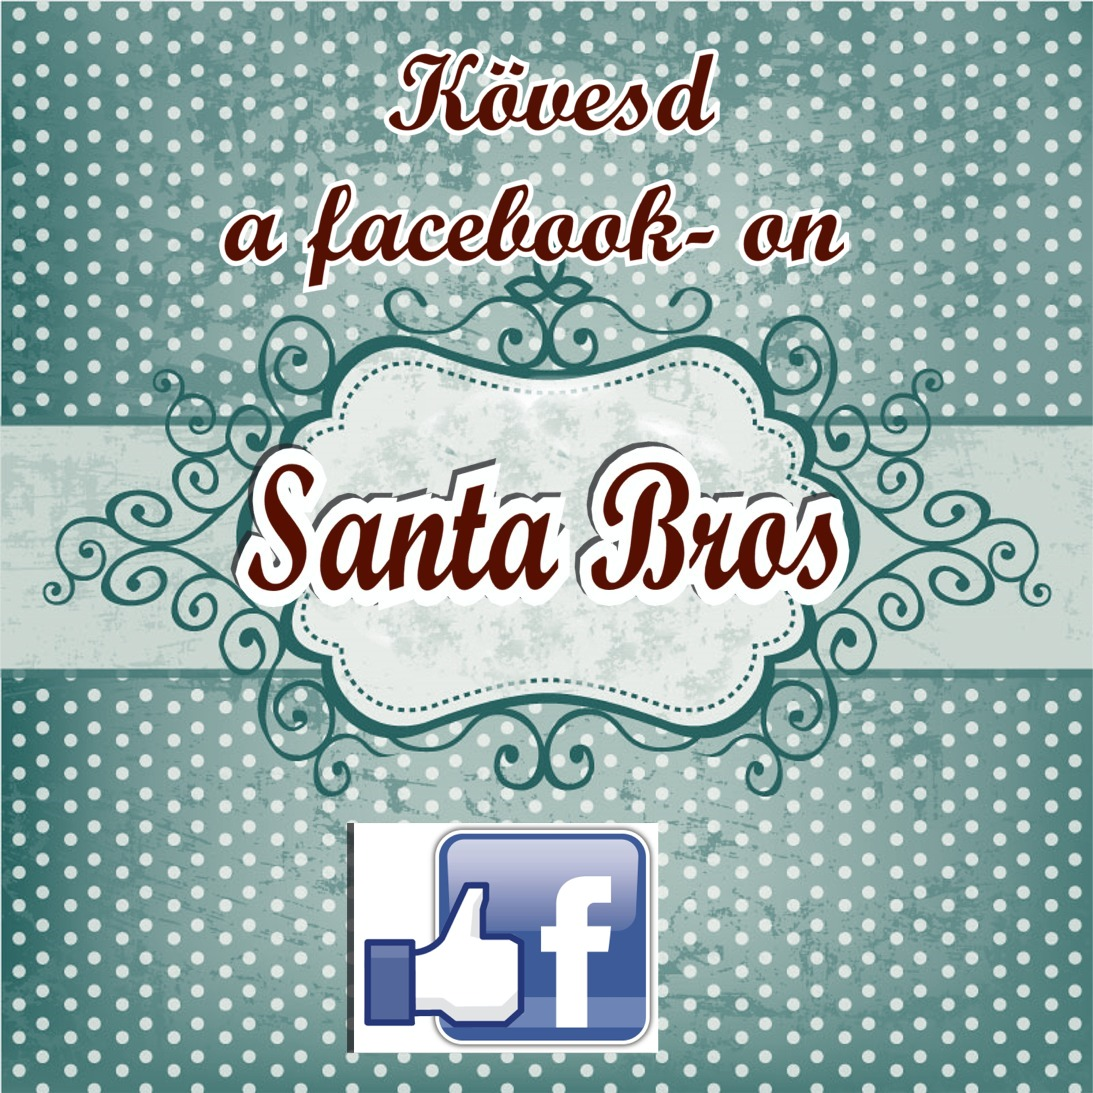 santa_brosfac_2.jpg